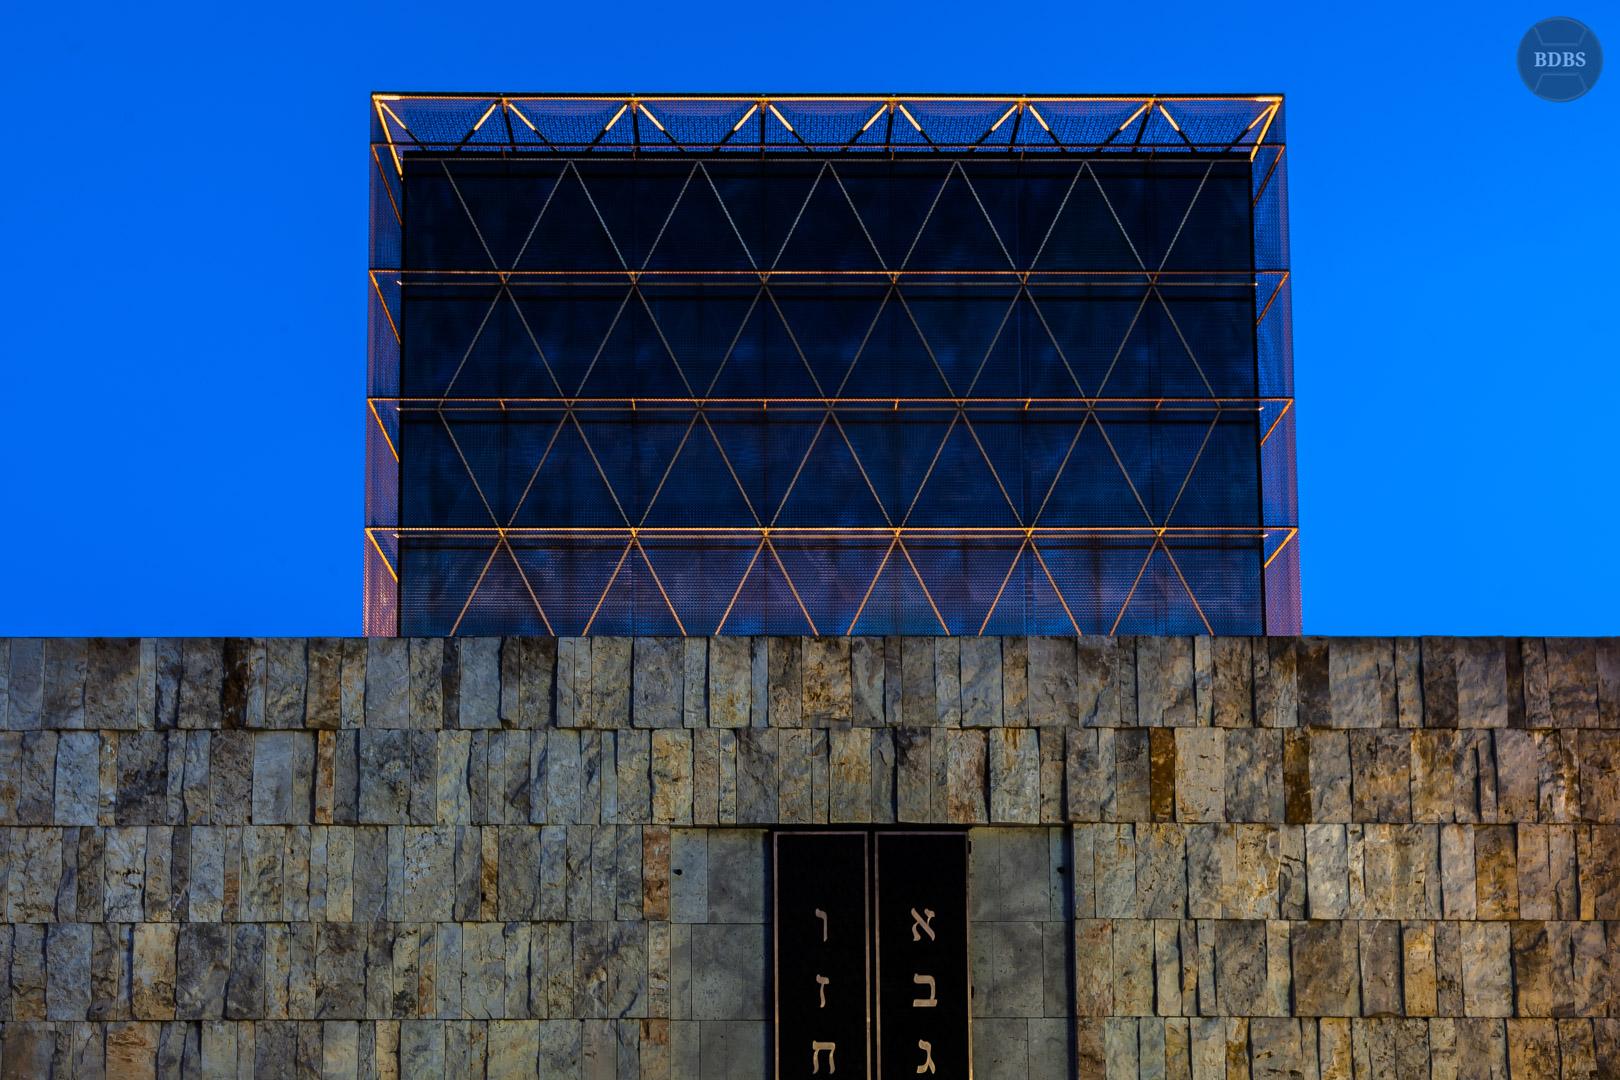 Synagoge HDR (5,0 Sek - f/10 - 35mm - ISO100)